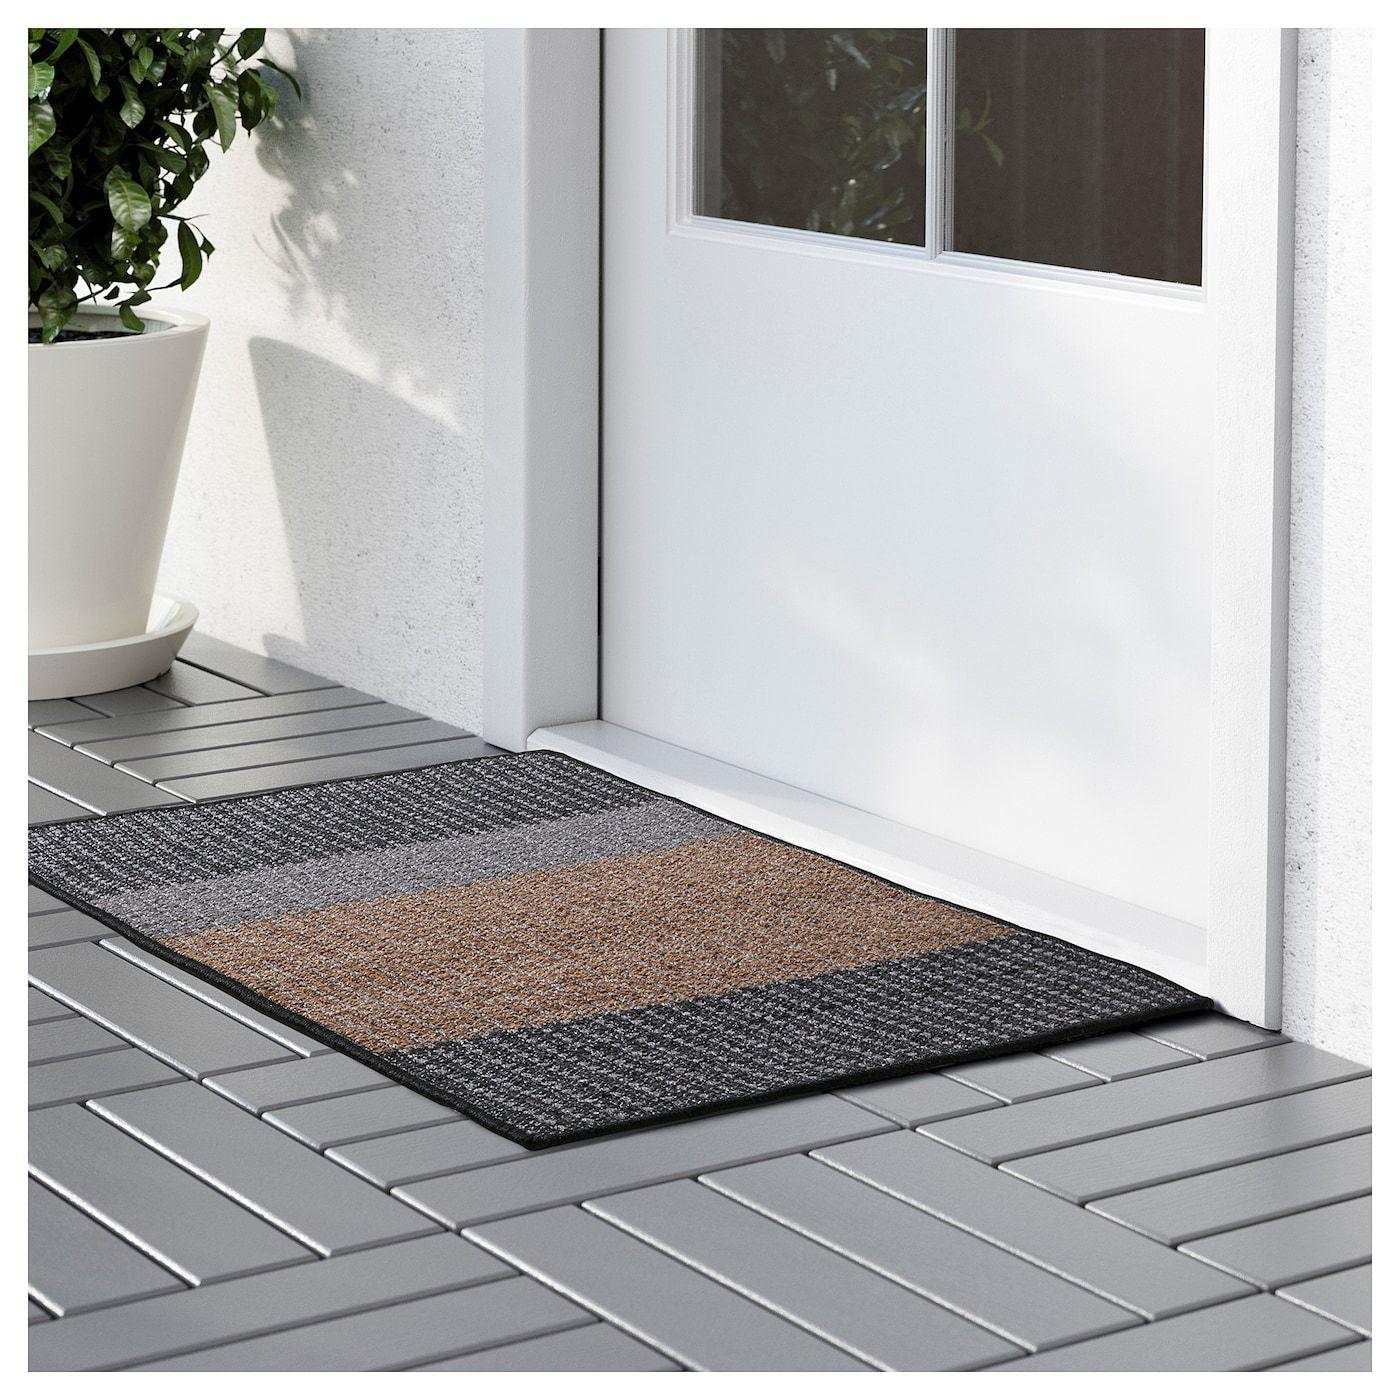 Выбираем грязезащитный придверный ворсовый ковёр для дома